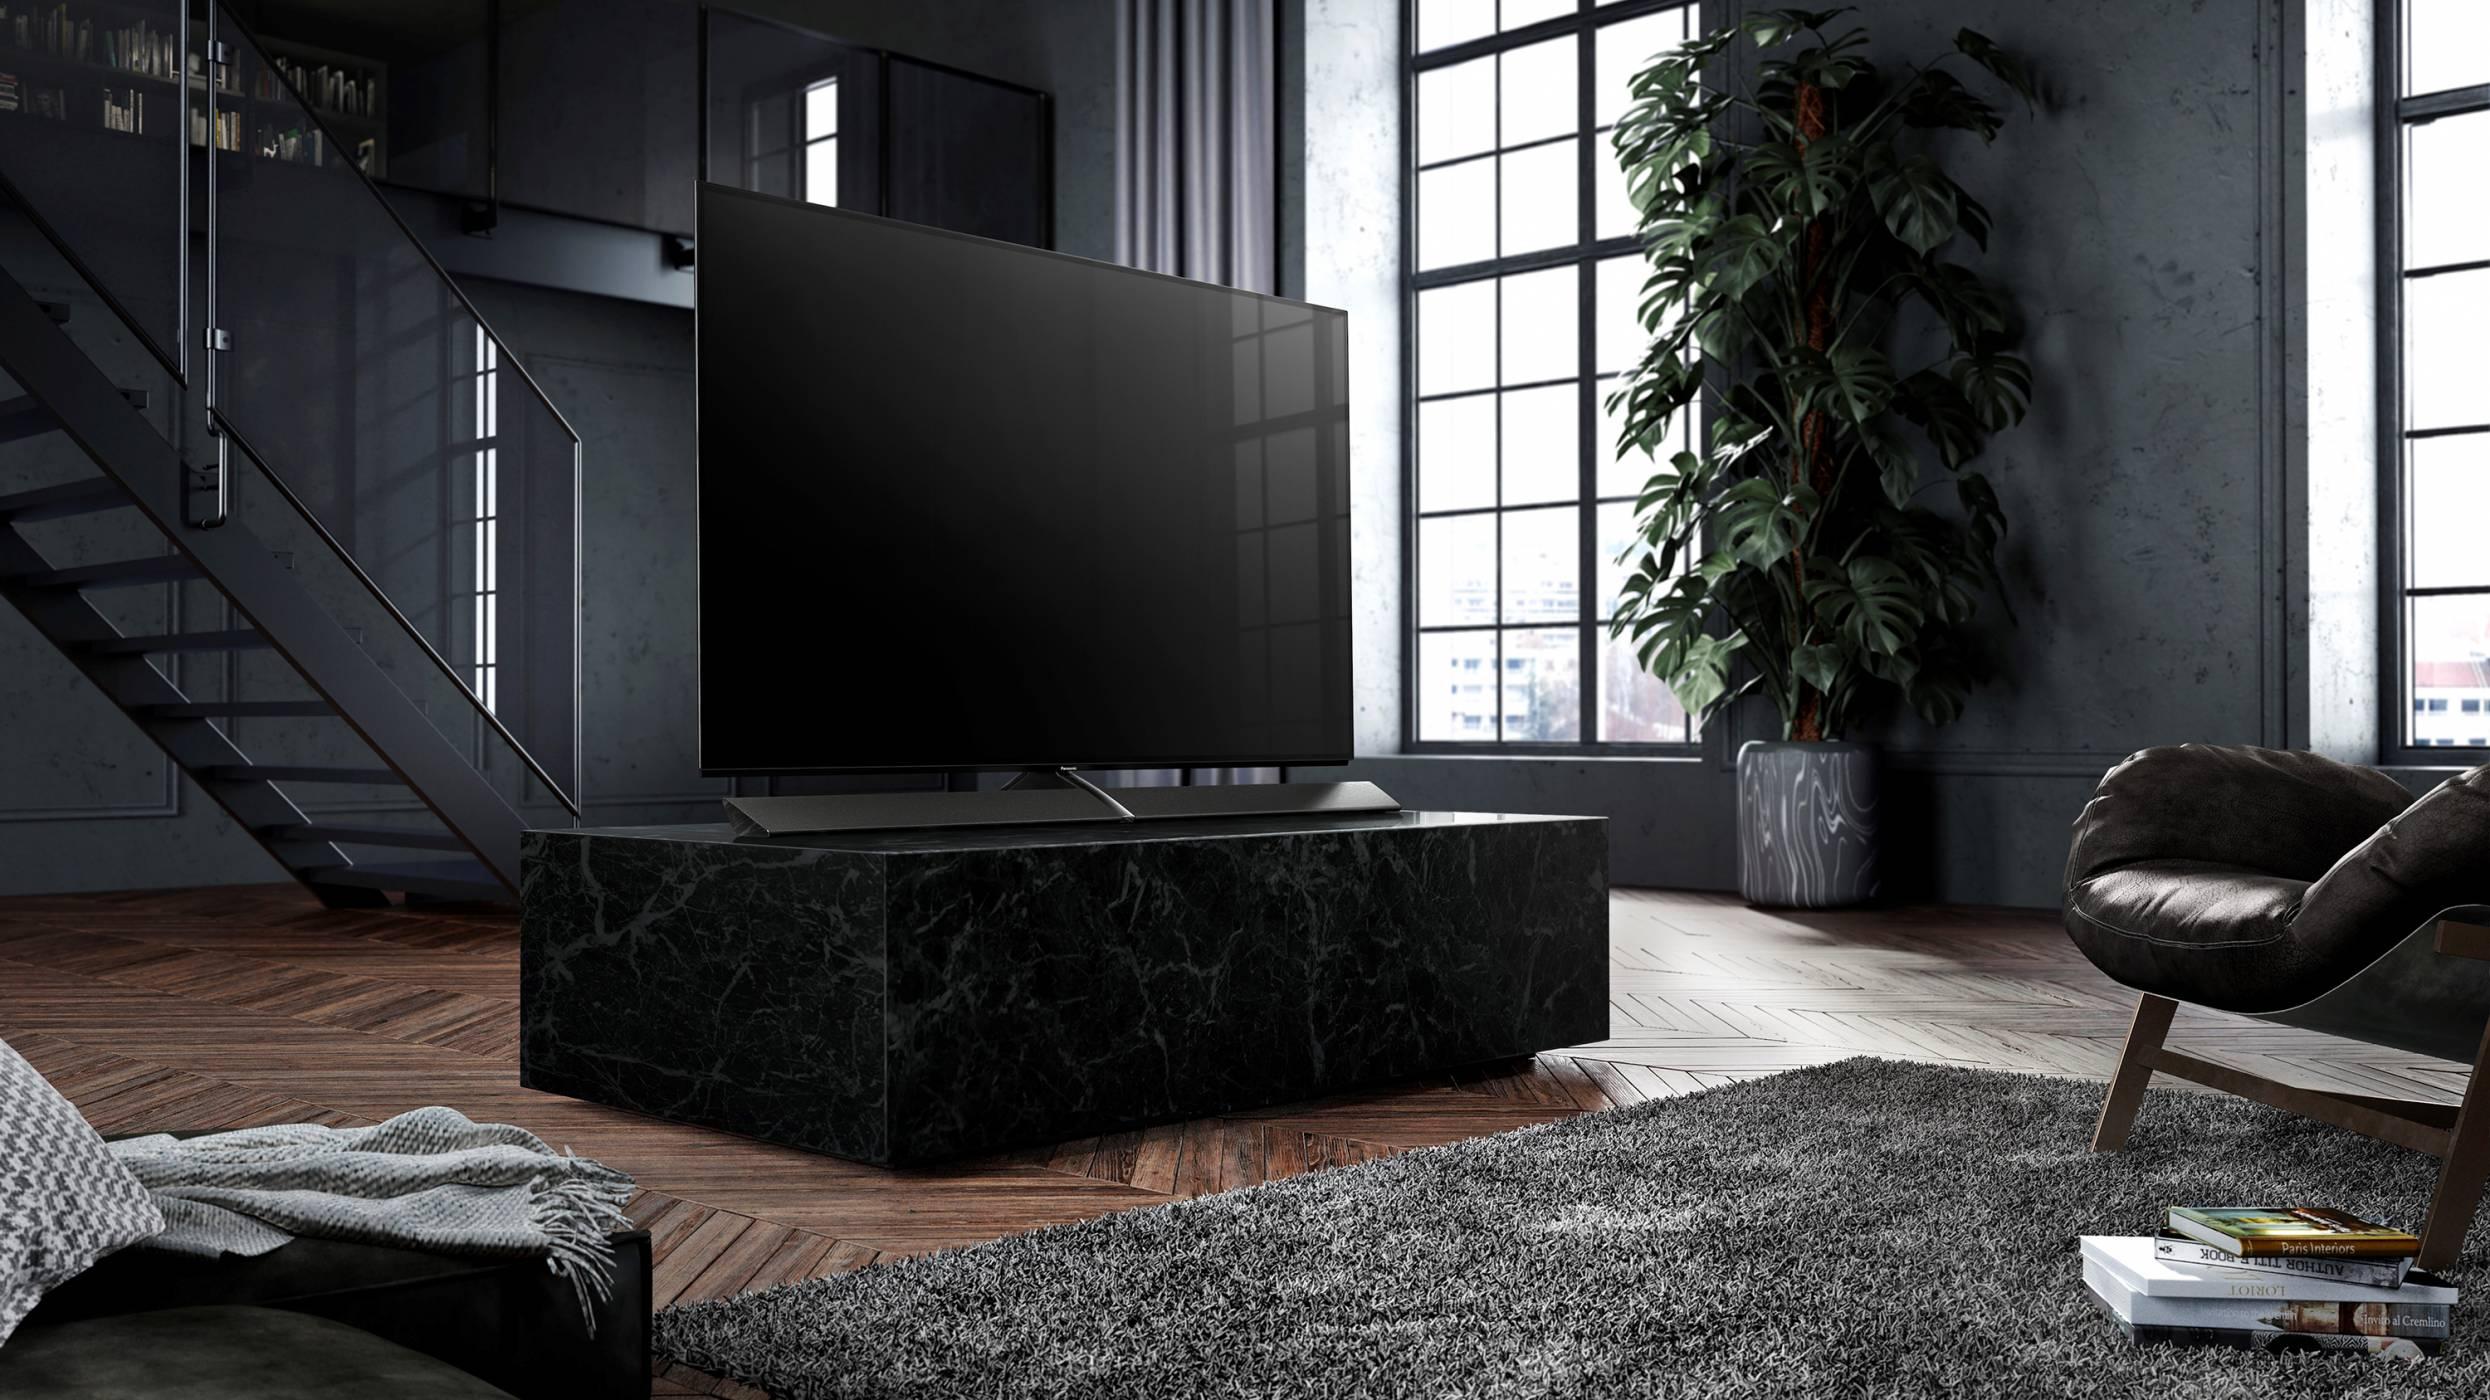 Огледалце, огледалце на стената, кажи ми какъв телевизор да си купя (потребителски гайд)